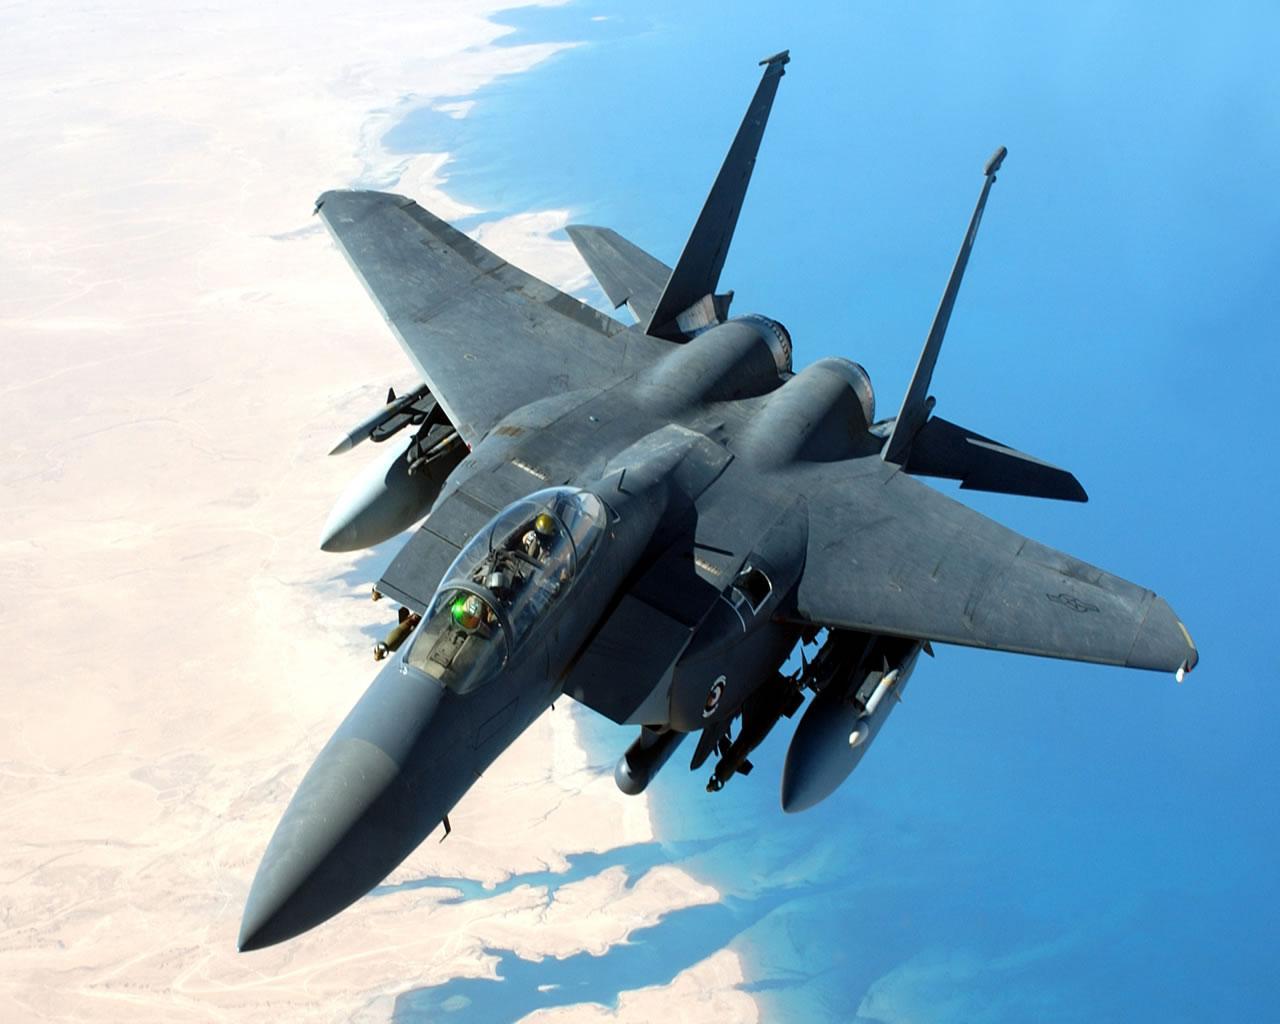 LES ETATS-UNIS ENVOIENT SIX F-15 POUR RENFORCER LA SURVEILLANCE DE L ...